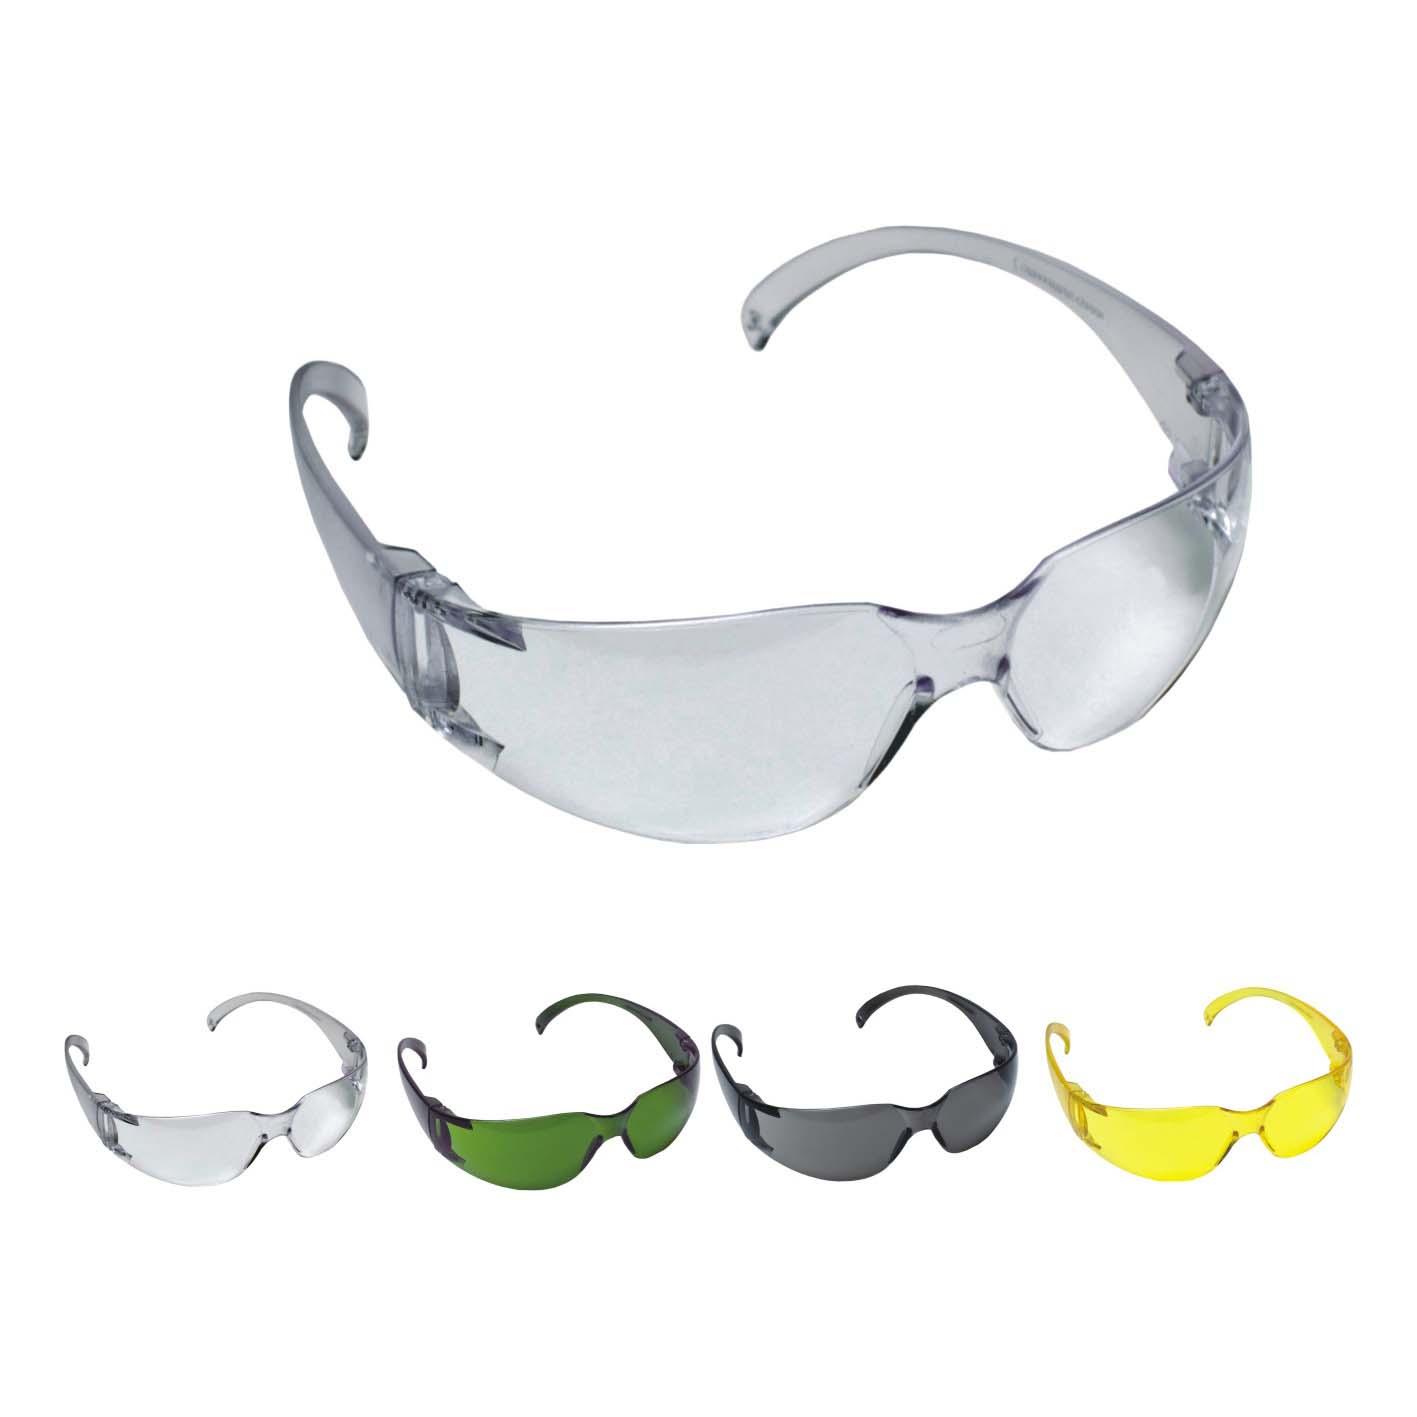 7d1f5ce56b2ff Óculos de Segurança Super Vision - Carbografite